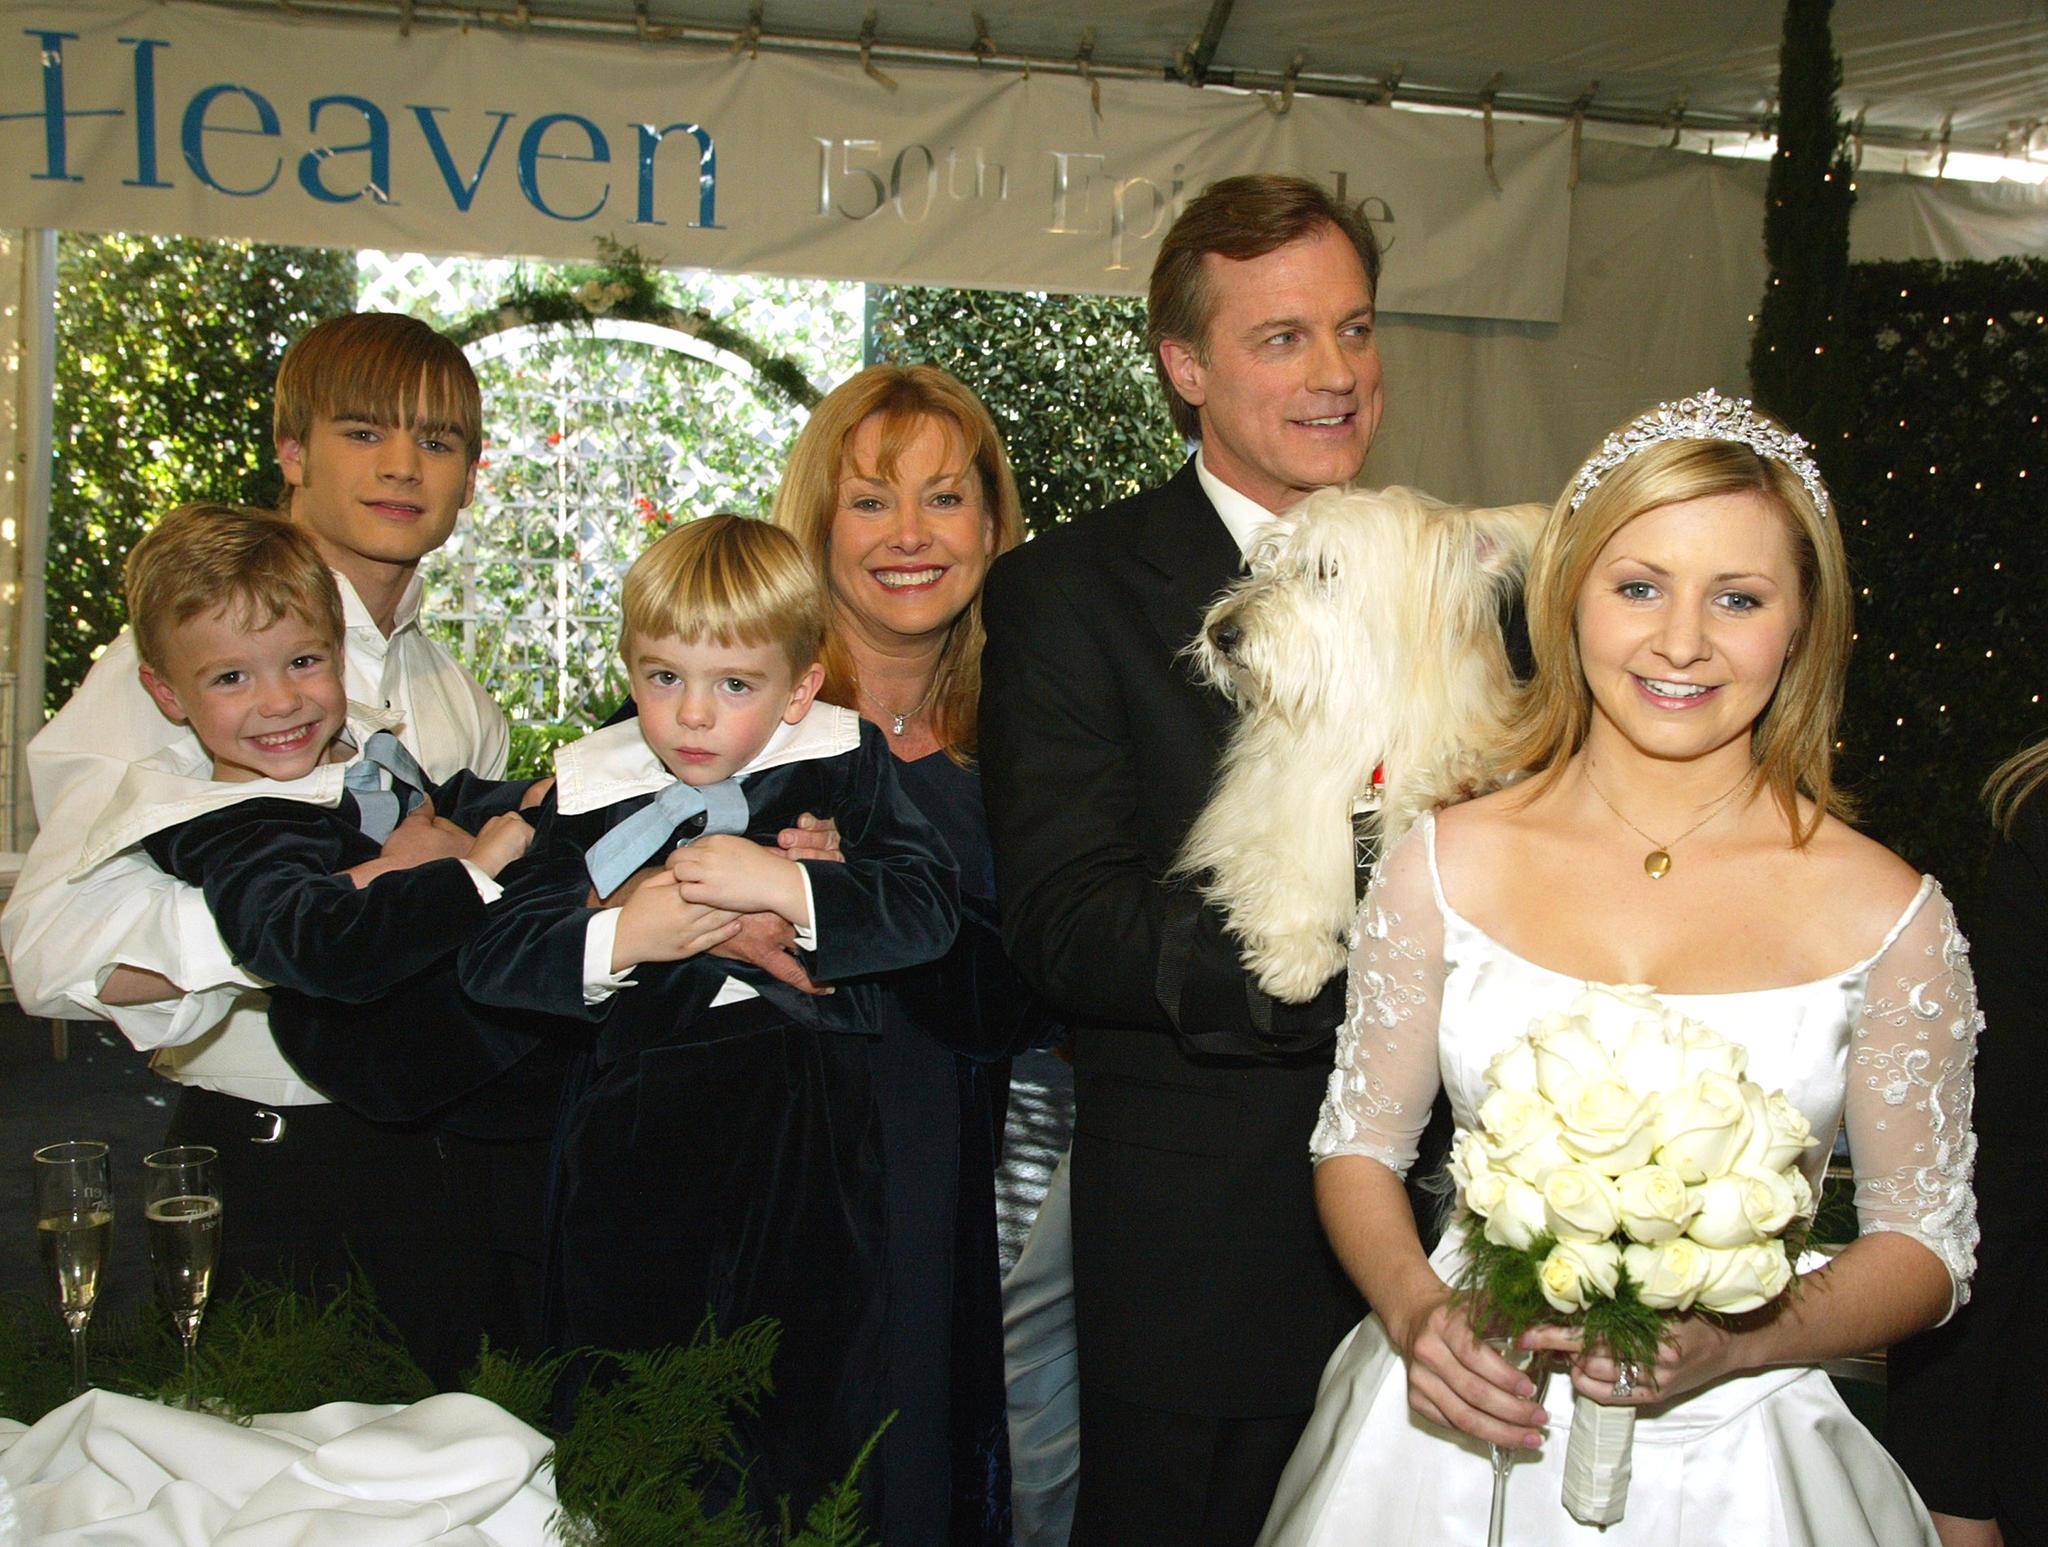 Von l. nach r.:David Gallagher, die Zwillinge Lorenzo and Nikolas Brino, Catherine Hicks, Stephen Collins und Beverley Mitchell